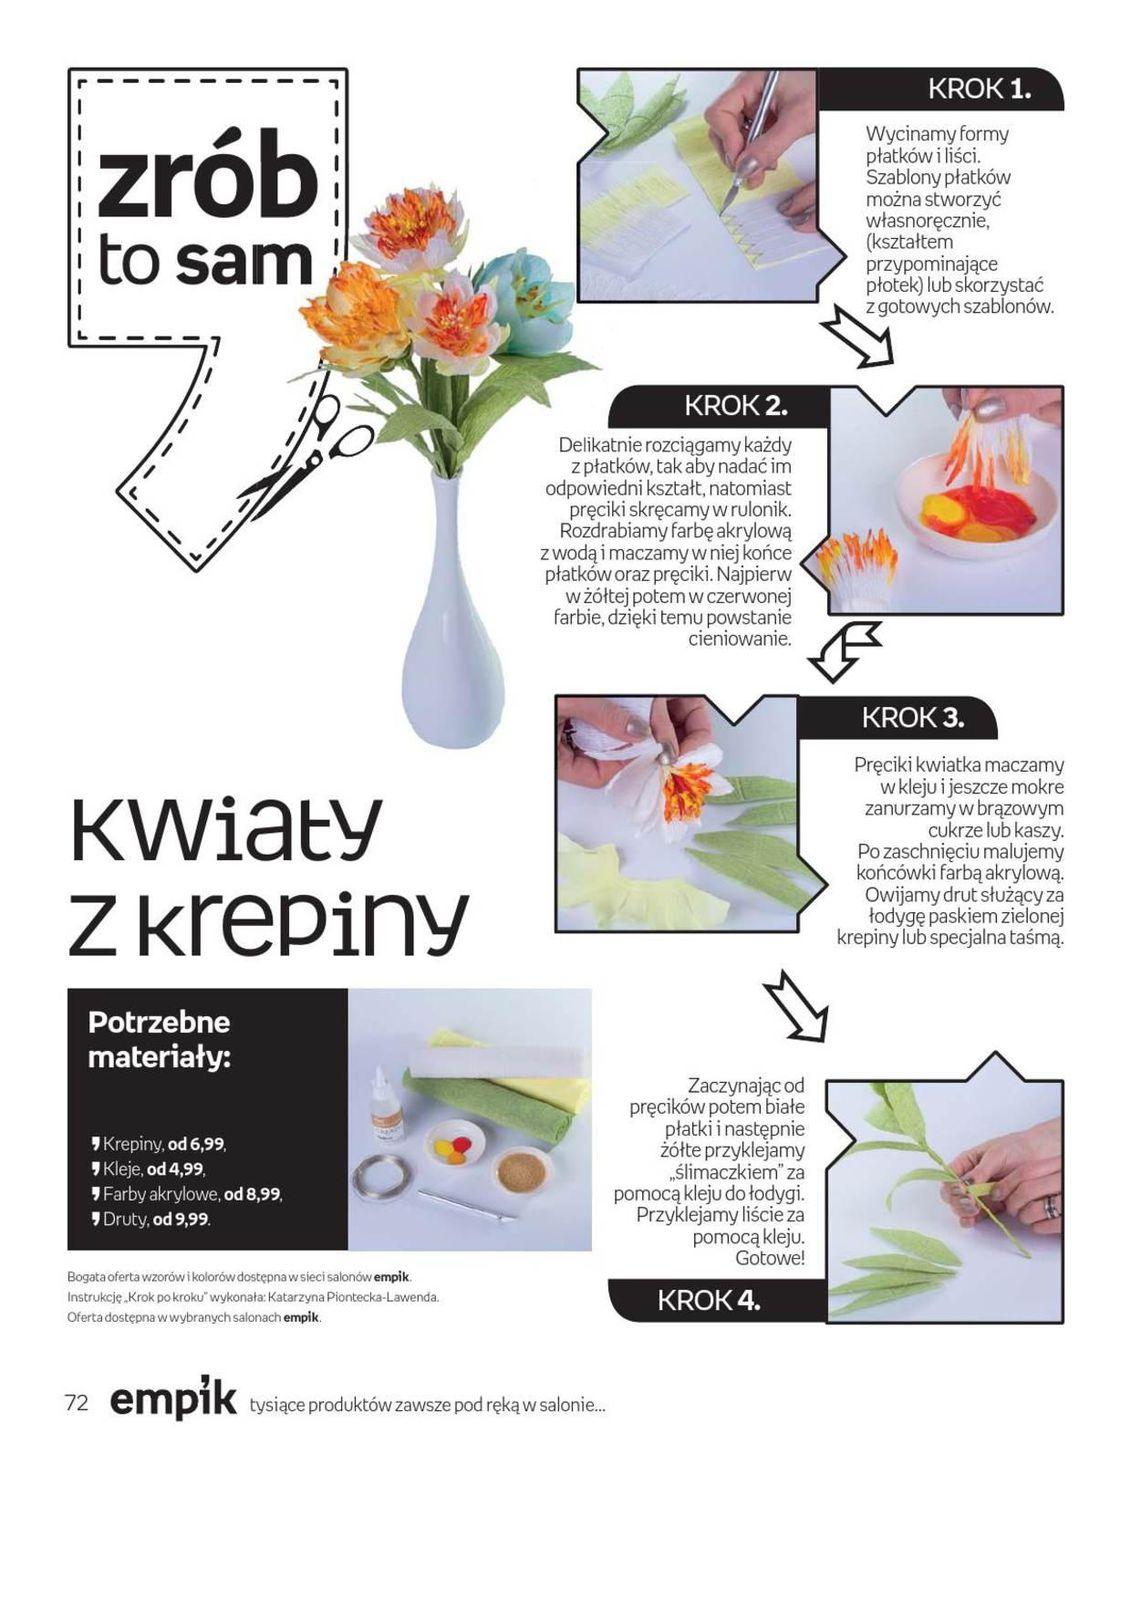 Gazetka Promocyjna I Reklamowa Empik Od 30 03 2016 Do 12 04 2016